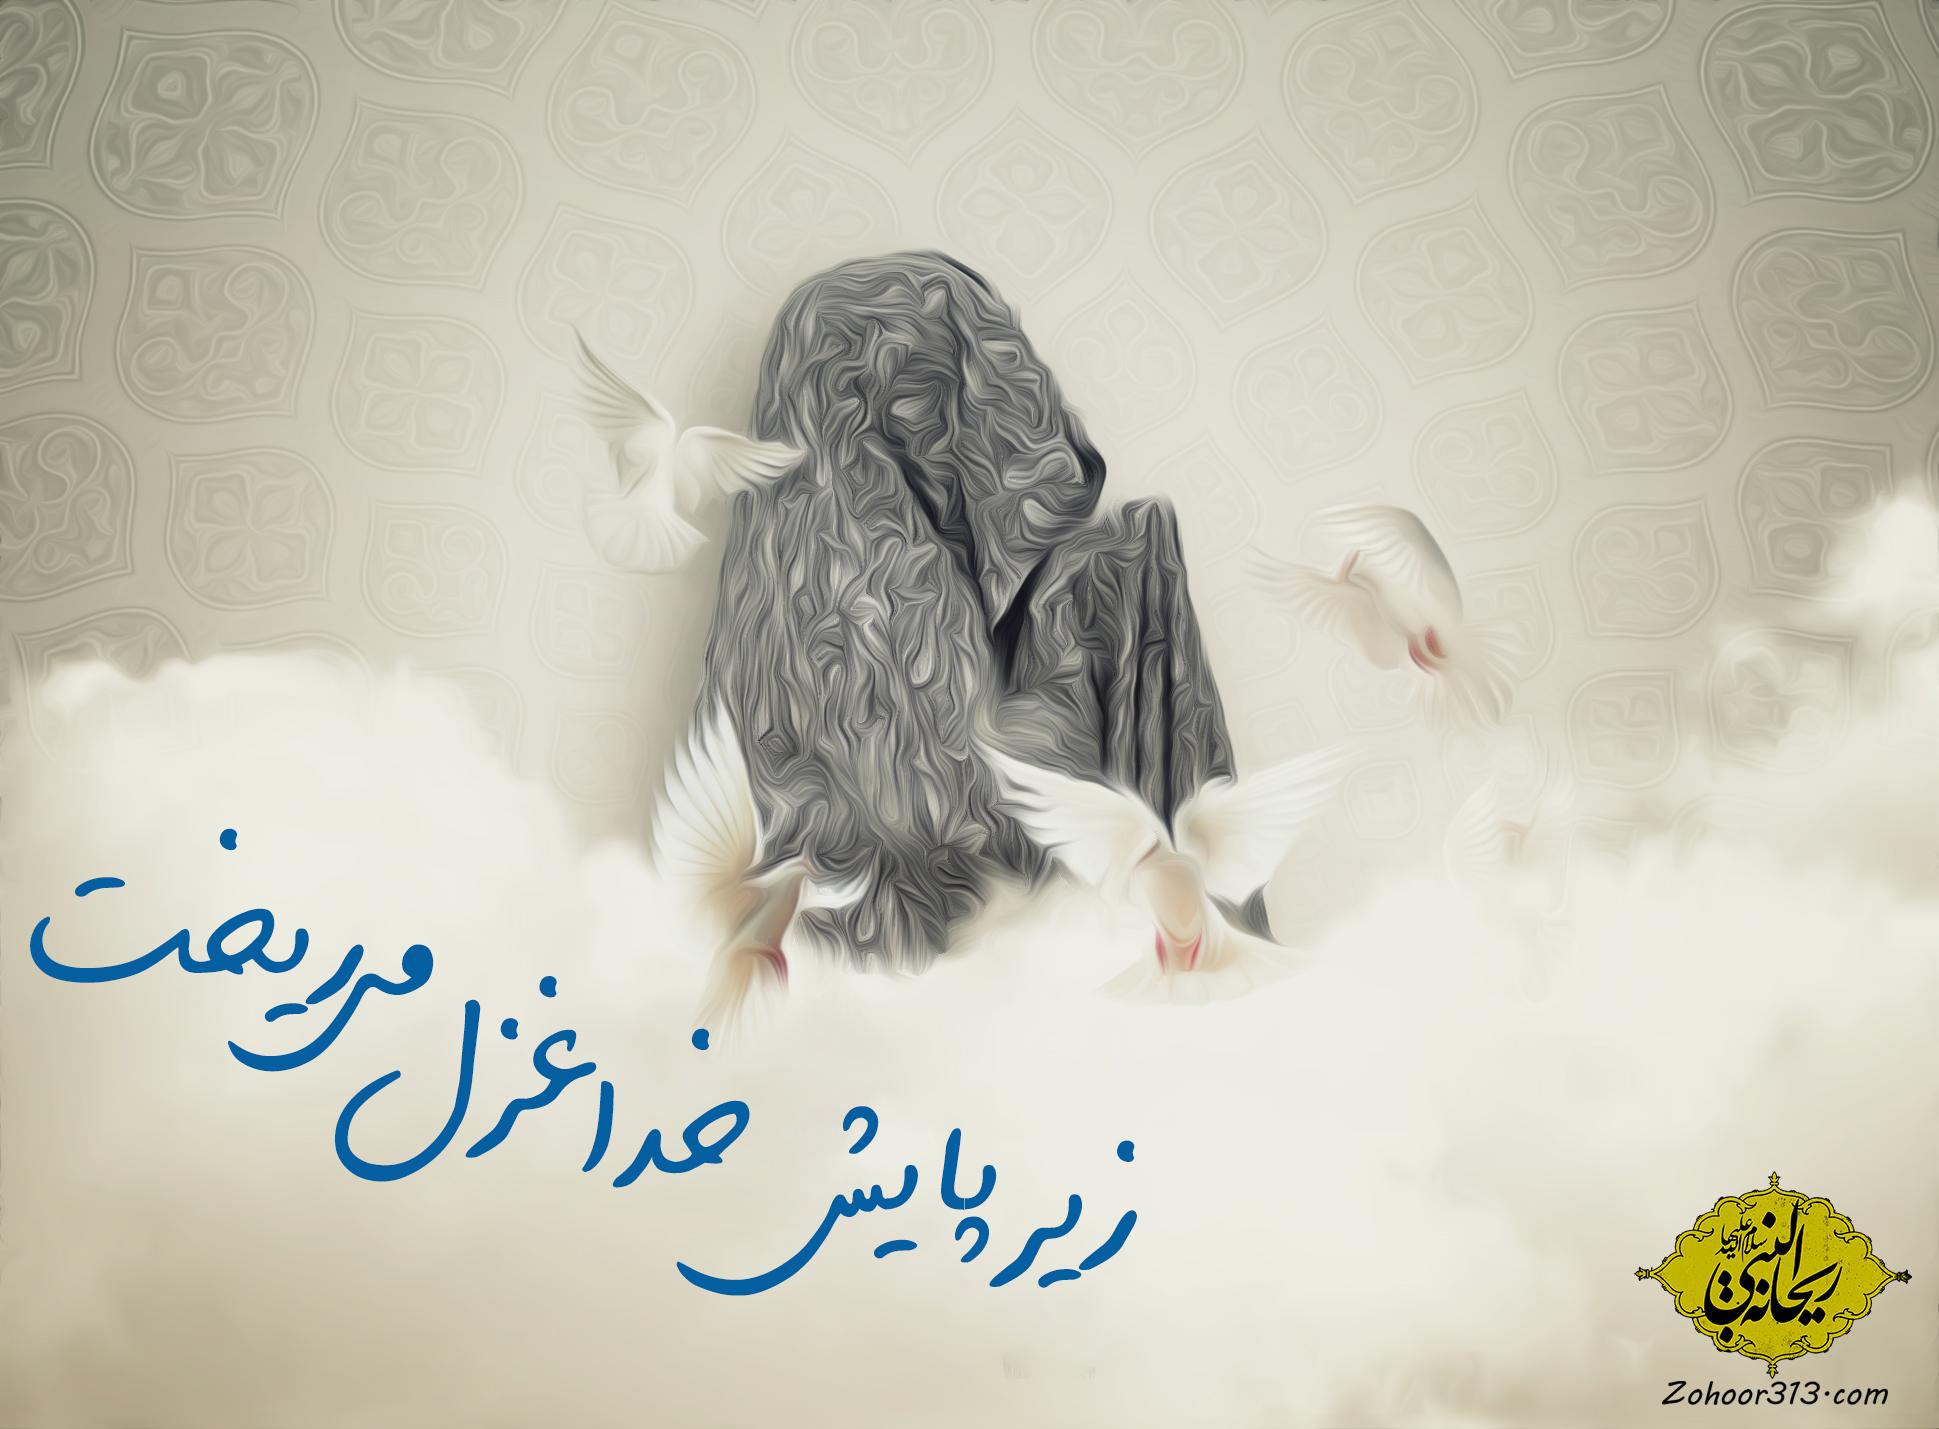 http://bayanbox.ir/view/4336893168859851855/madar-6.jpg